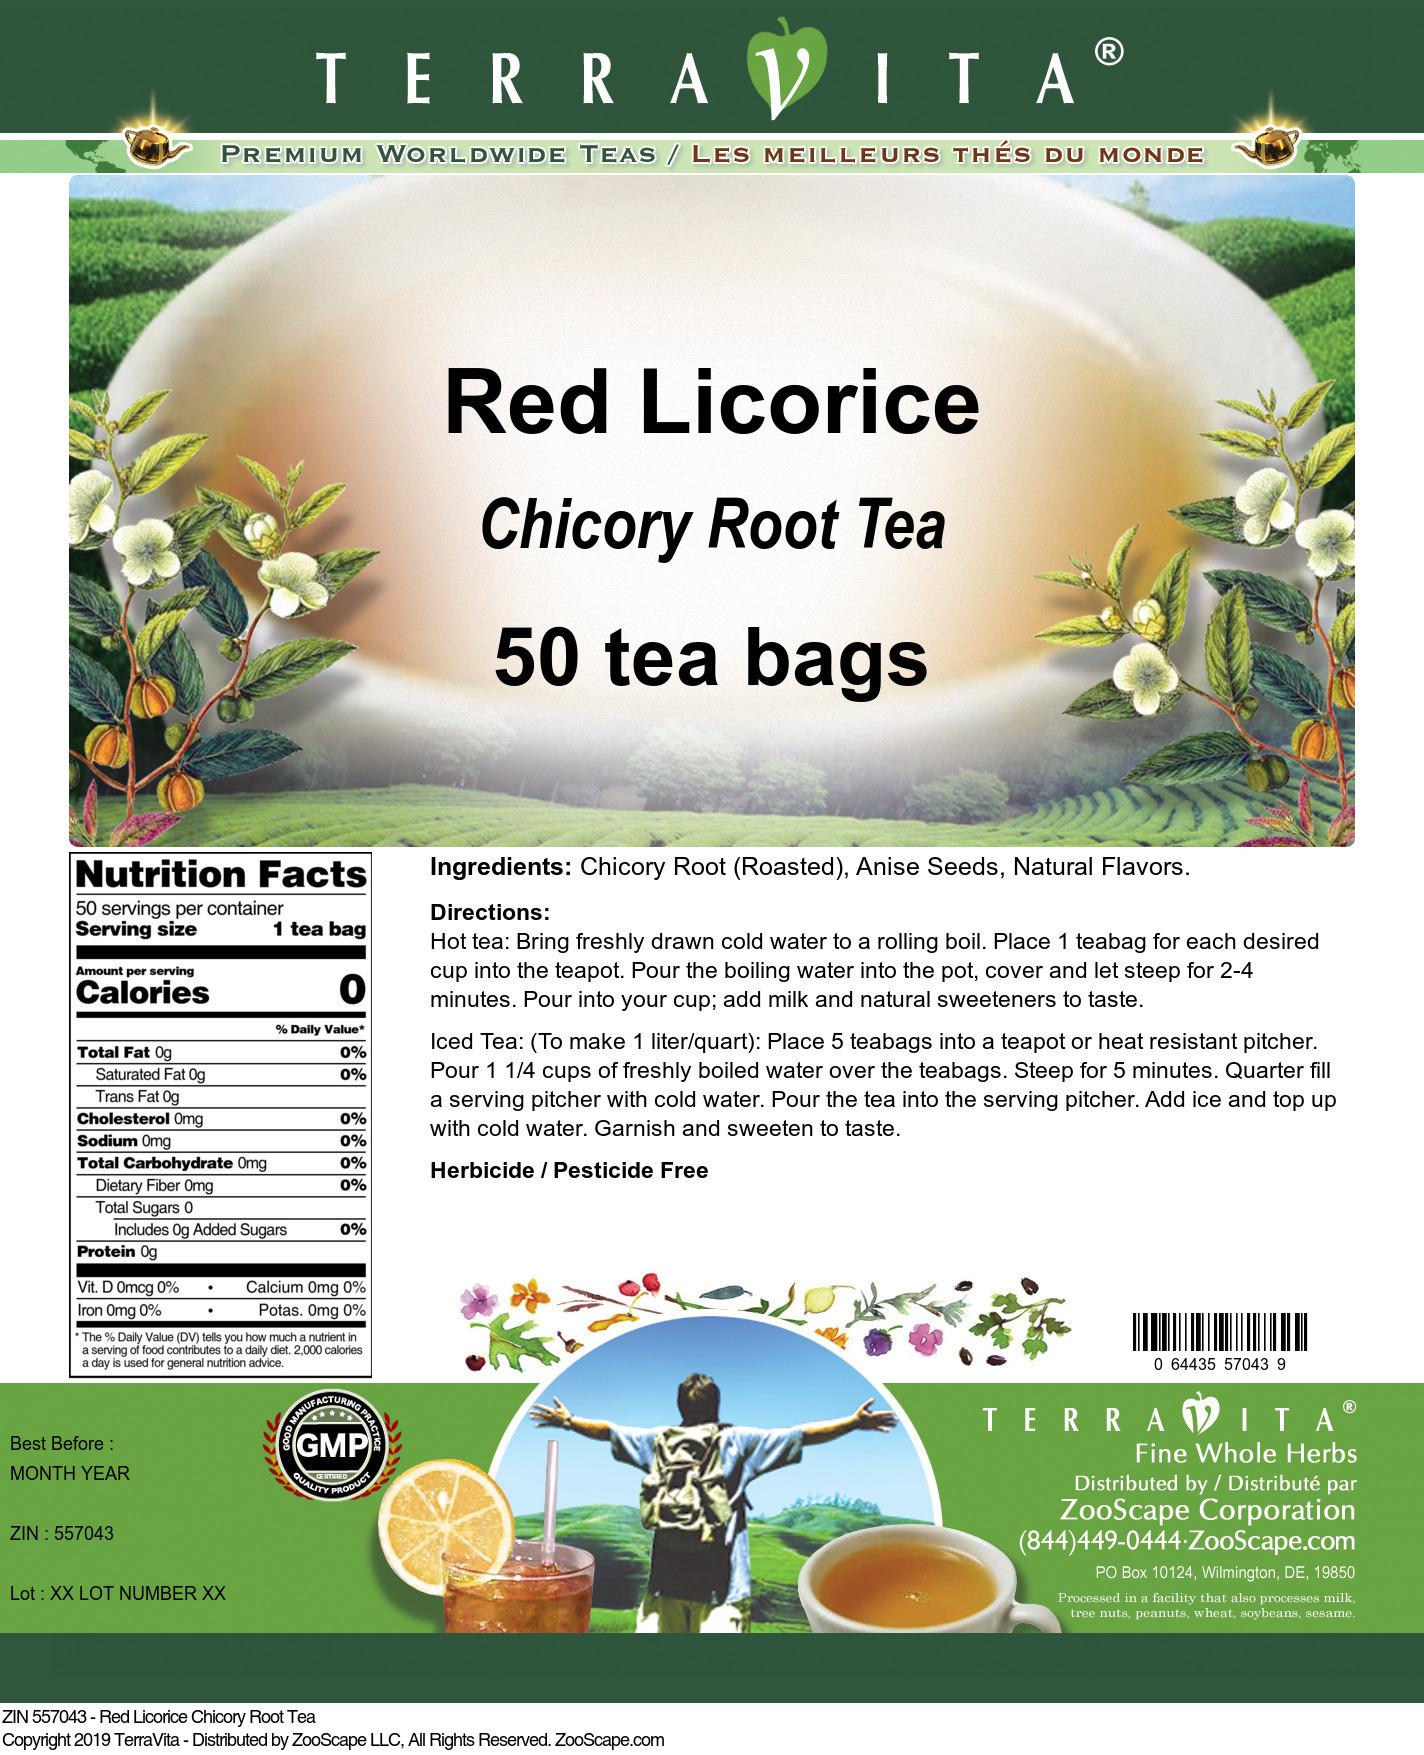 Red Licorice Chicory Root